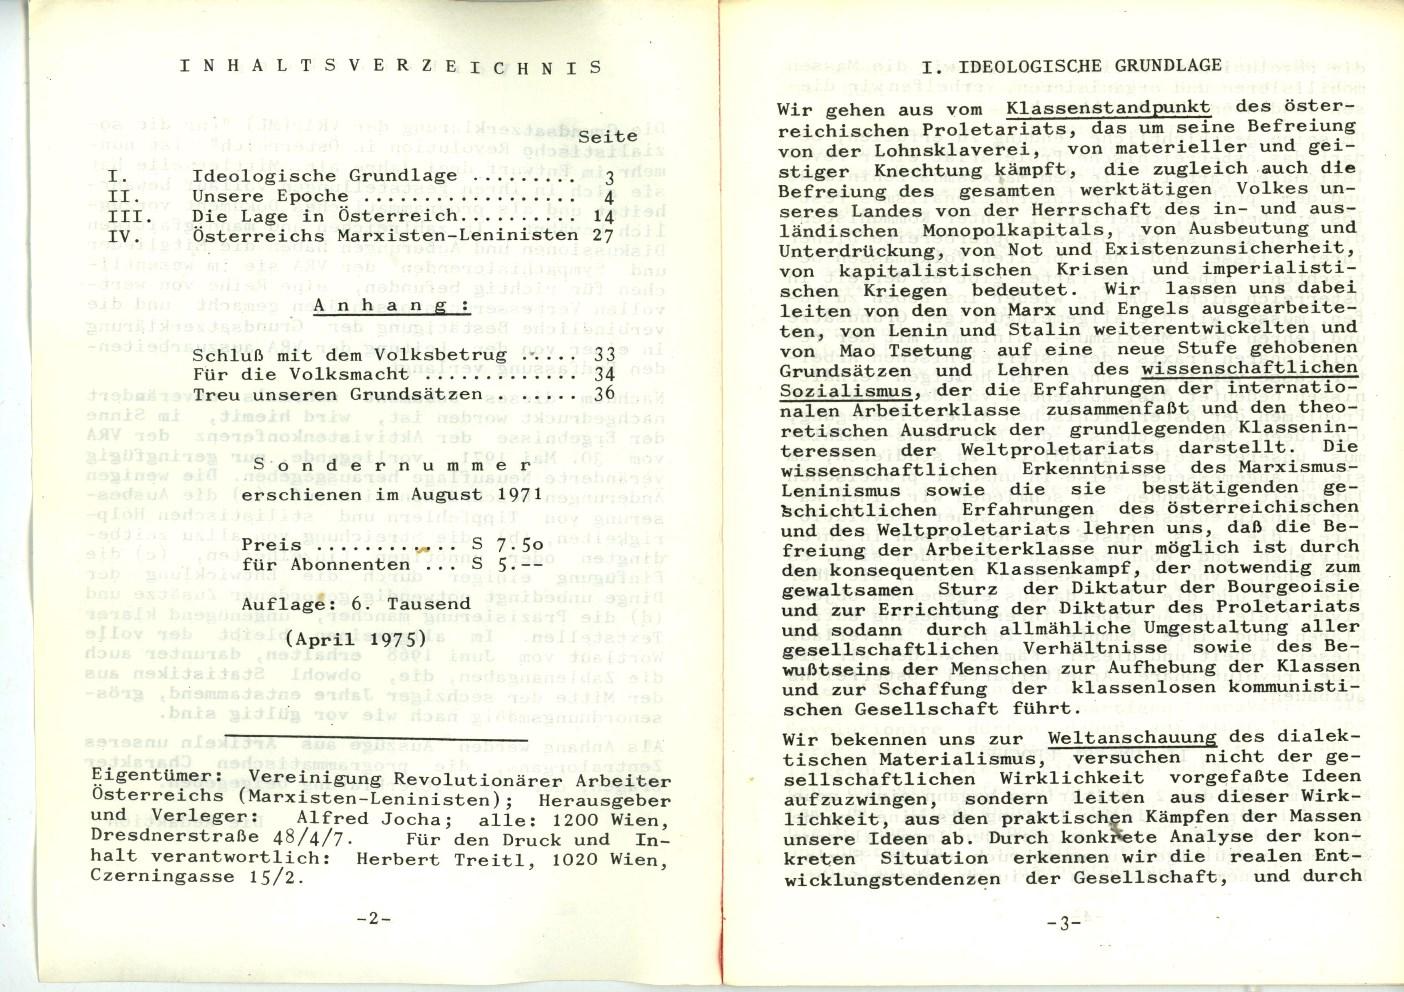 VRA_Grundsatzerklaerung_1971_03